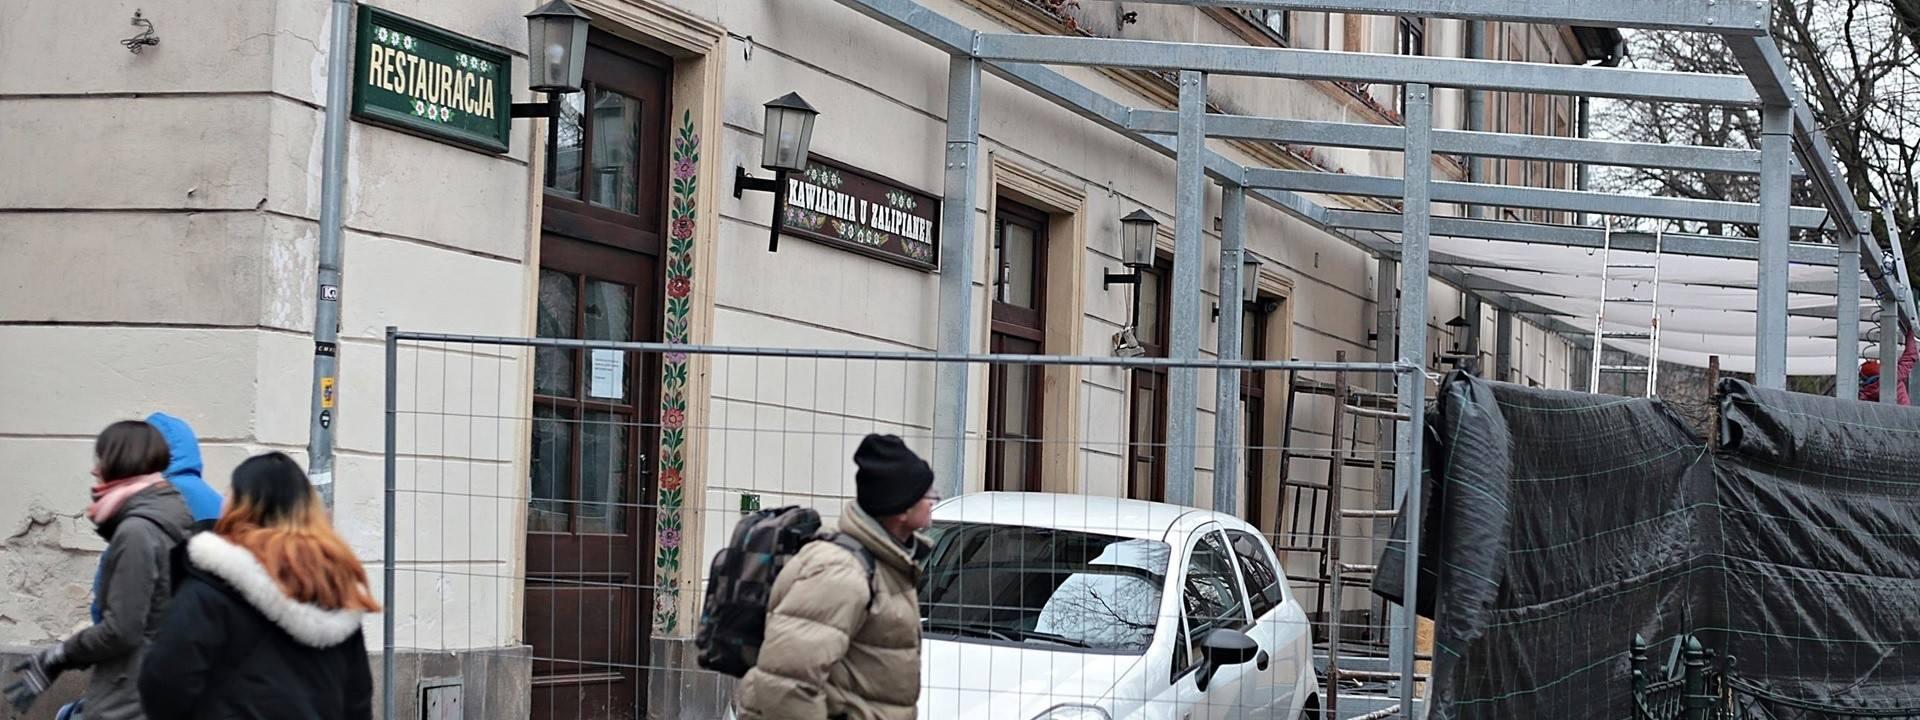 Kraków. Zalipianki: stawiają ogródek, nie czekając na pozwolenie na budowę